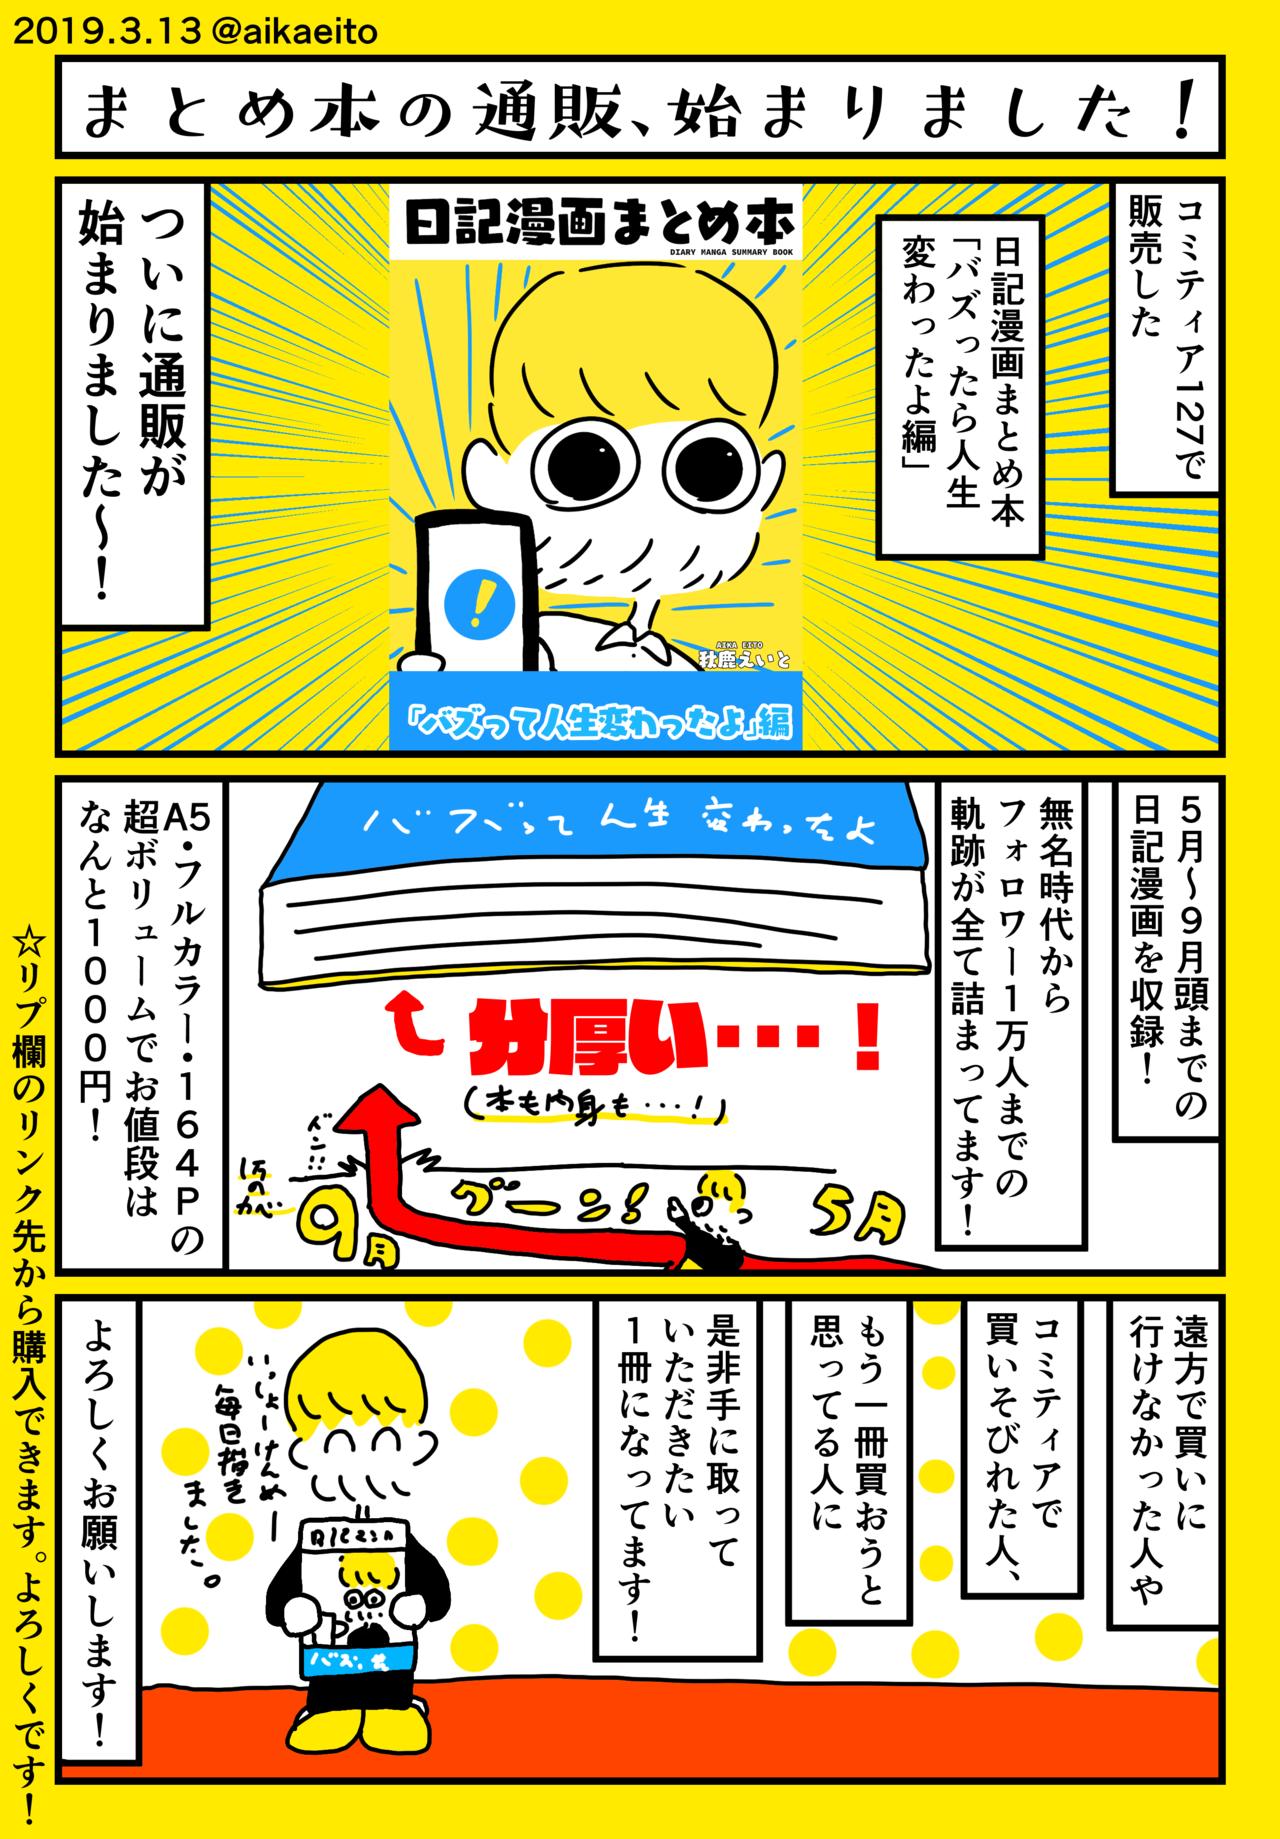 こちらから購入できます!→ https://aikaeito.booth.pm/items/1226510